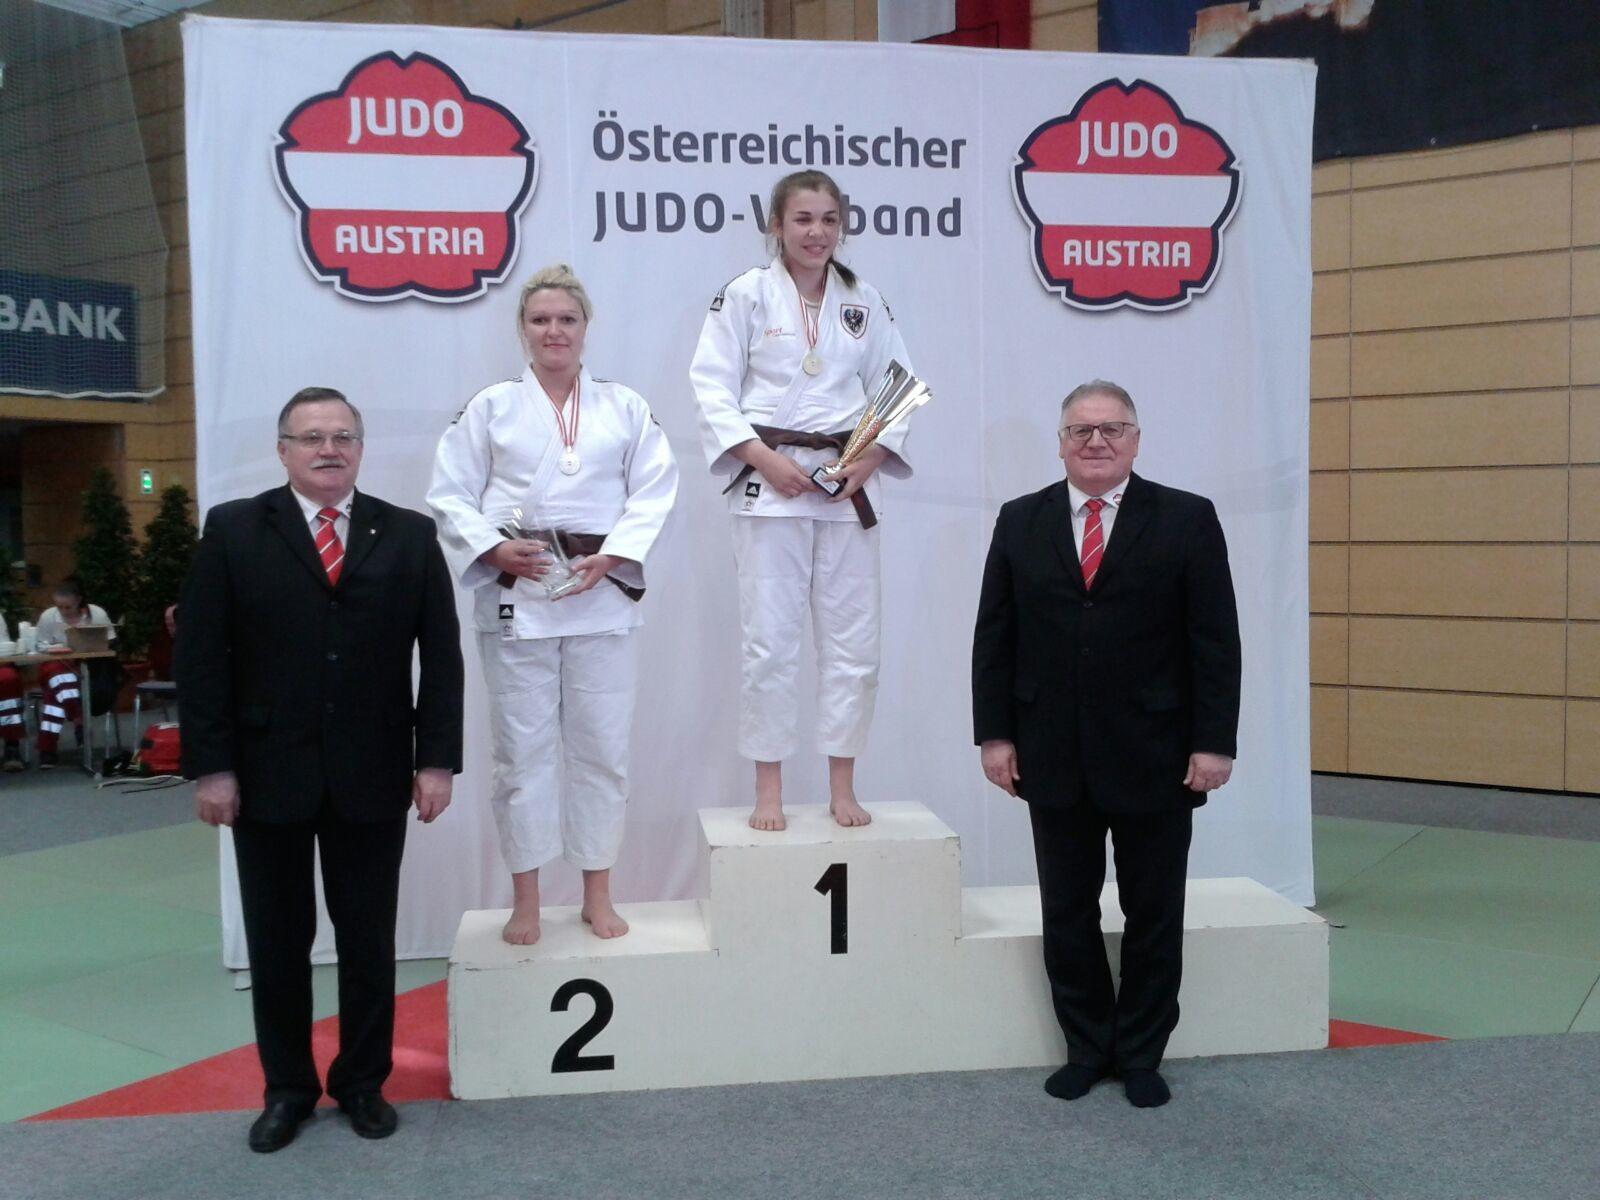 U21 Staatsmeisterschaft in Kufstein